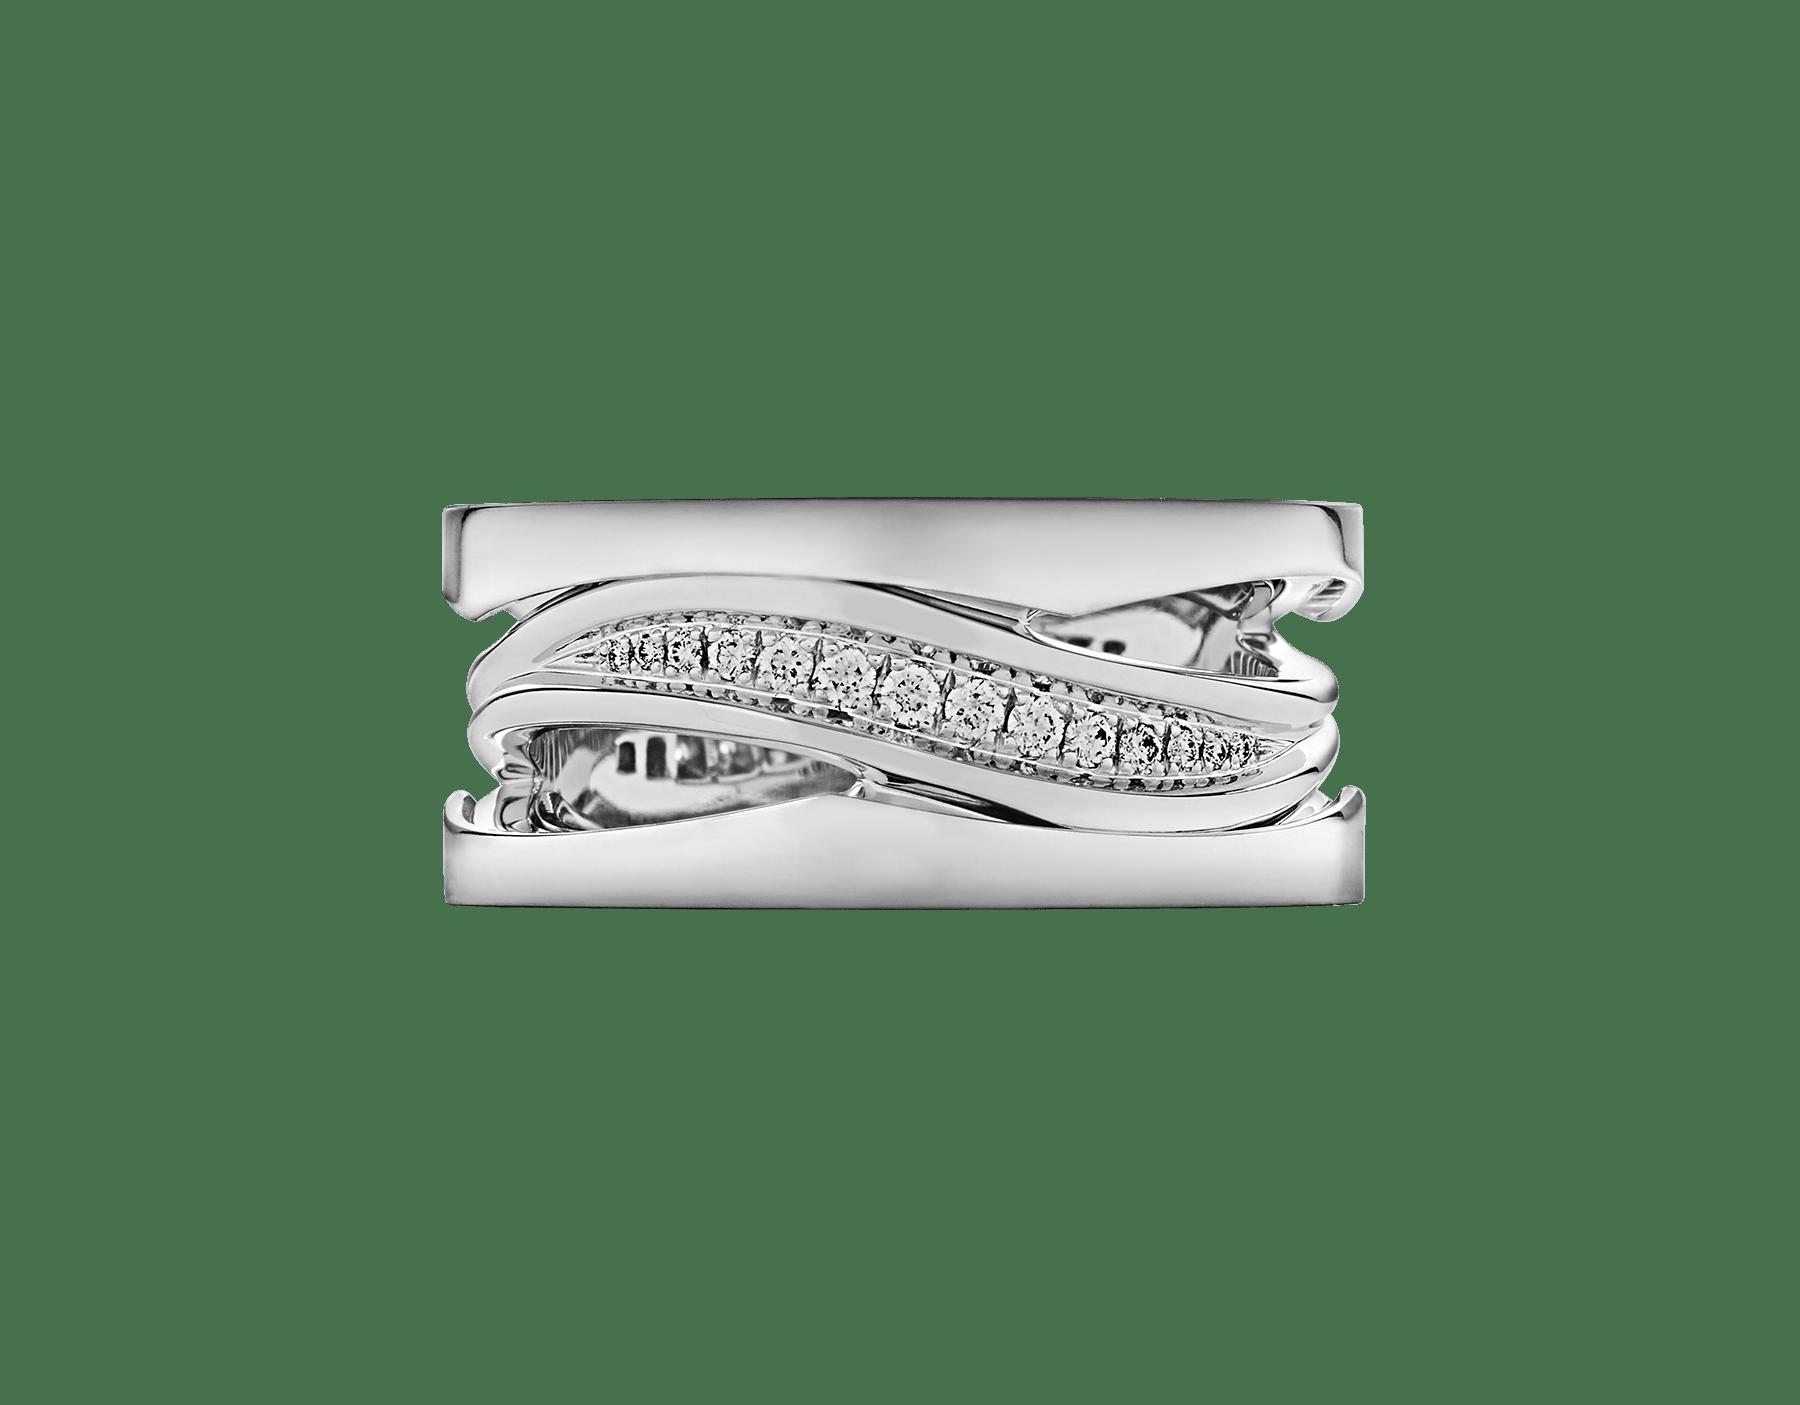 18Kホワイトゴールド製ビー・ゼロワン デザイン レジェンド リング。スパイラル上にパヴェダイヤモンドをあしらいました。 AN858378 image 3